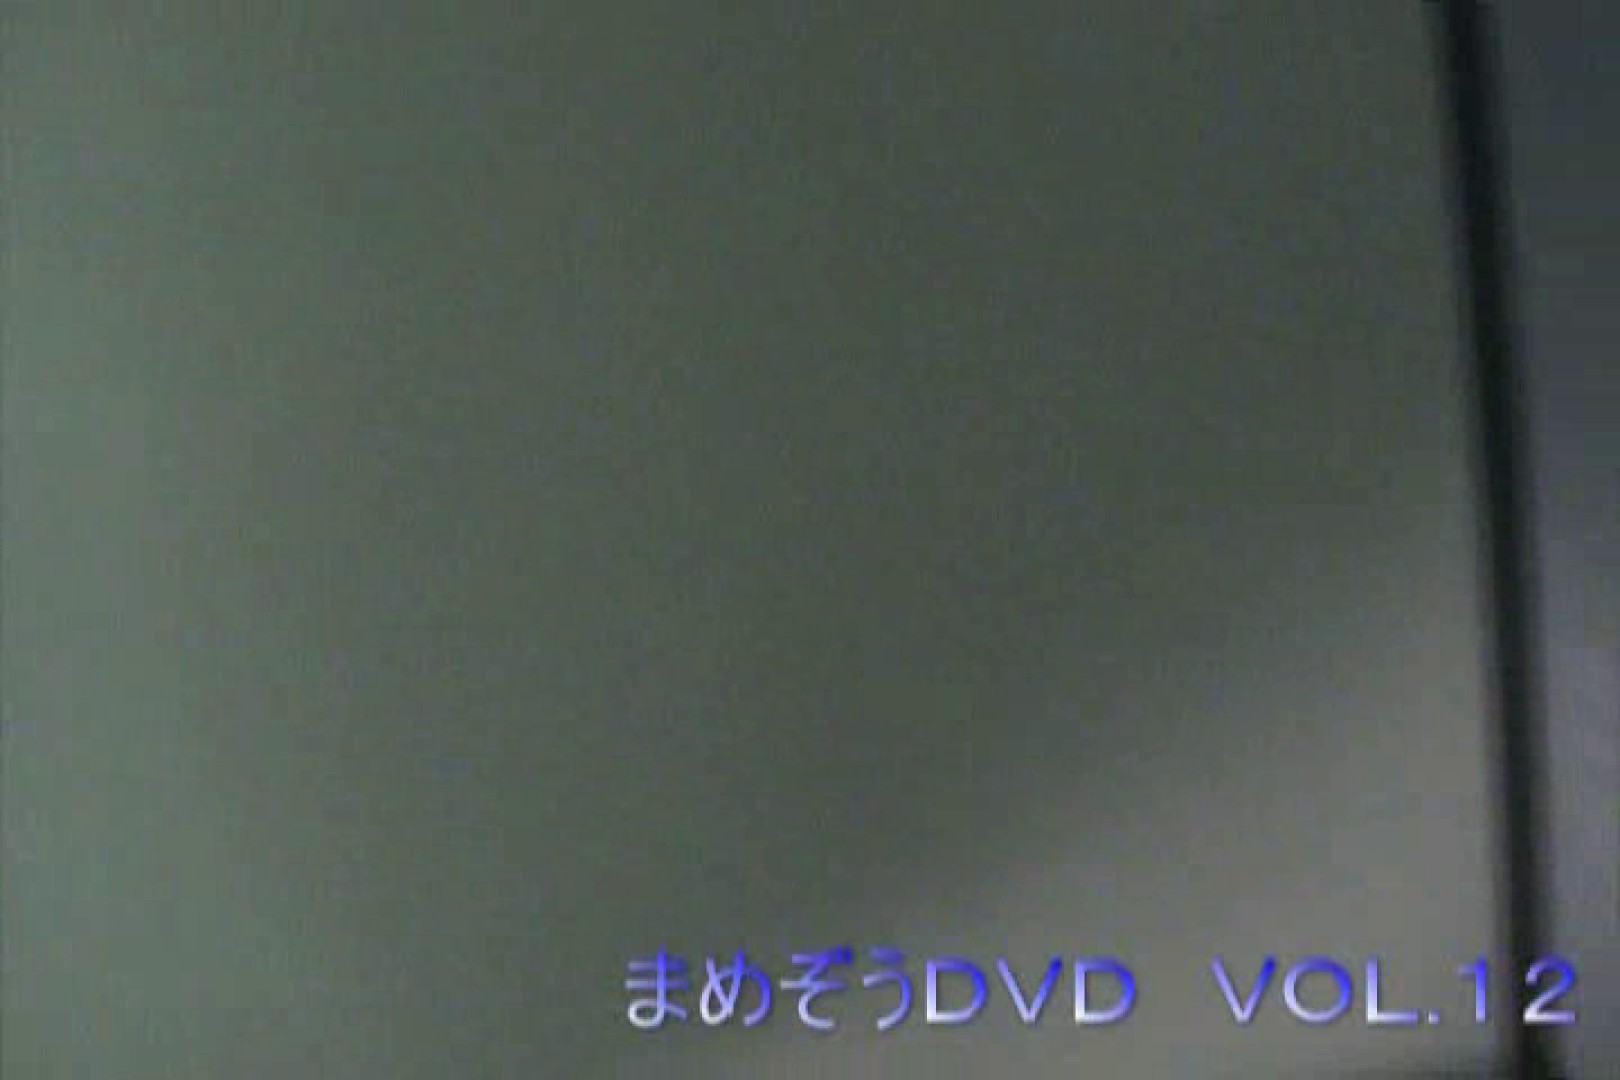 まめぞうDVD完全版VOL.12 OL   ギャル・コレクション  63連発